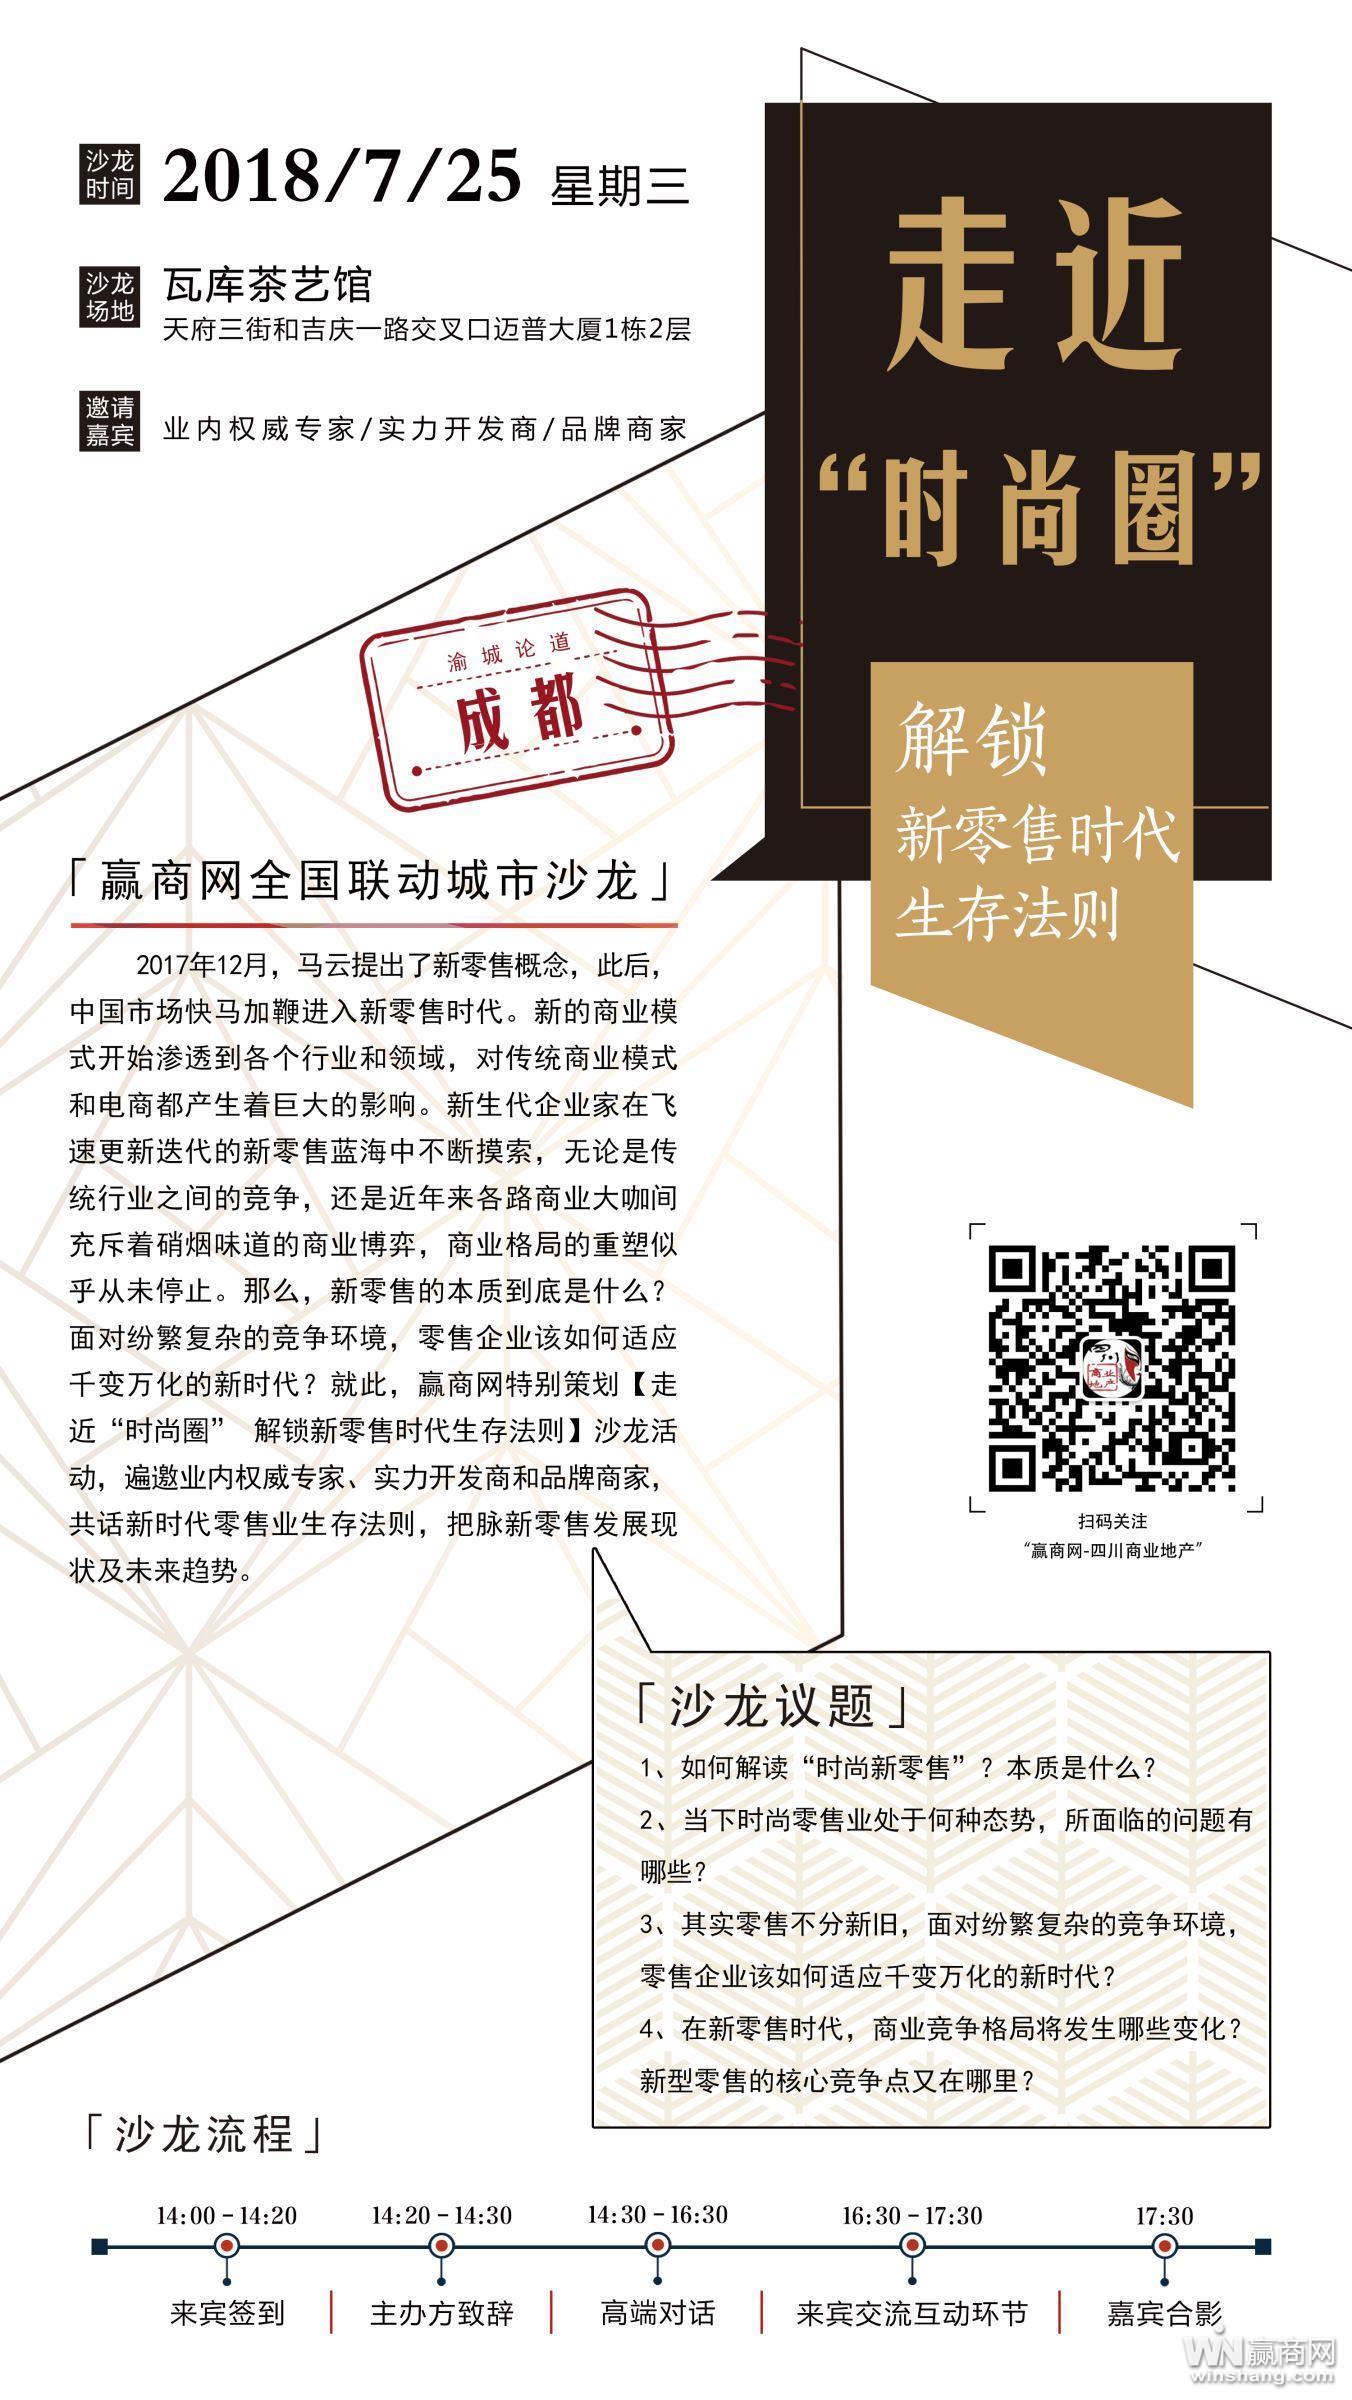 """渝城论道39期预告:走近""""时尚圈"""" 解锁新零售时代生存法则"""